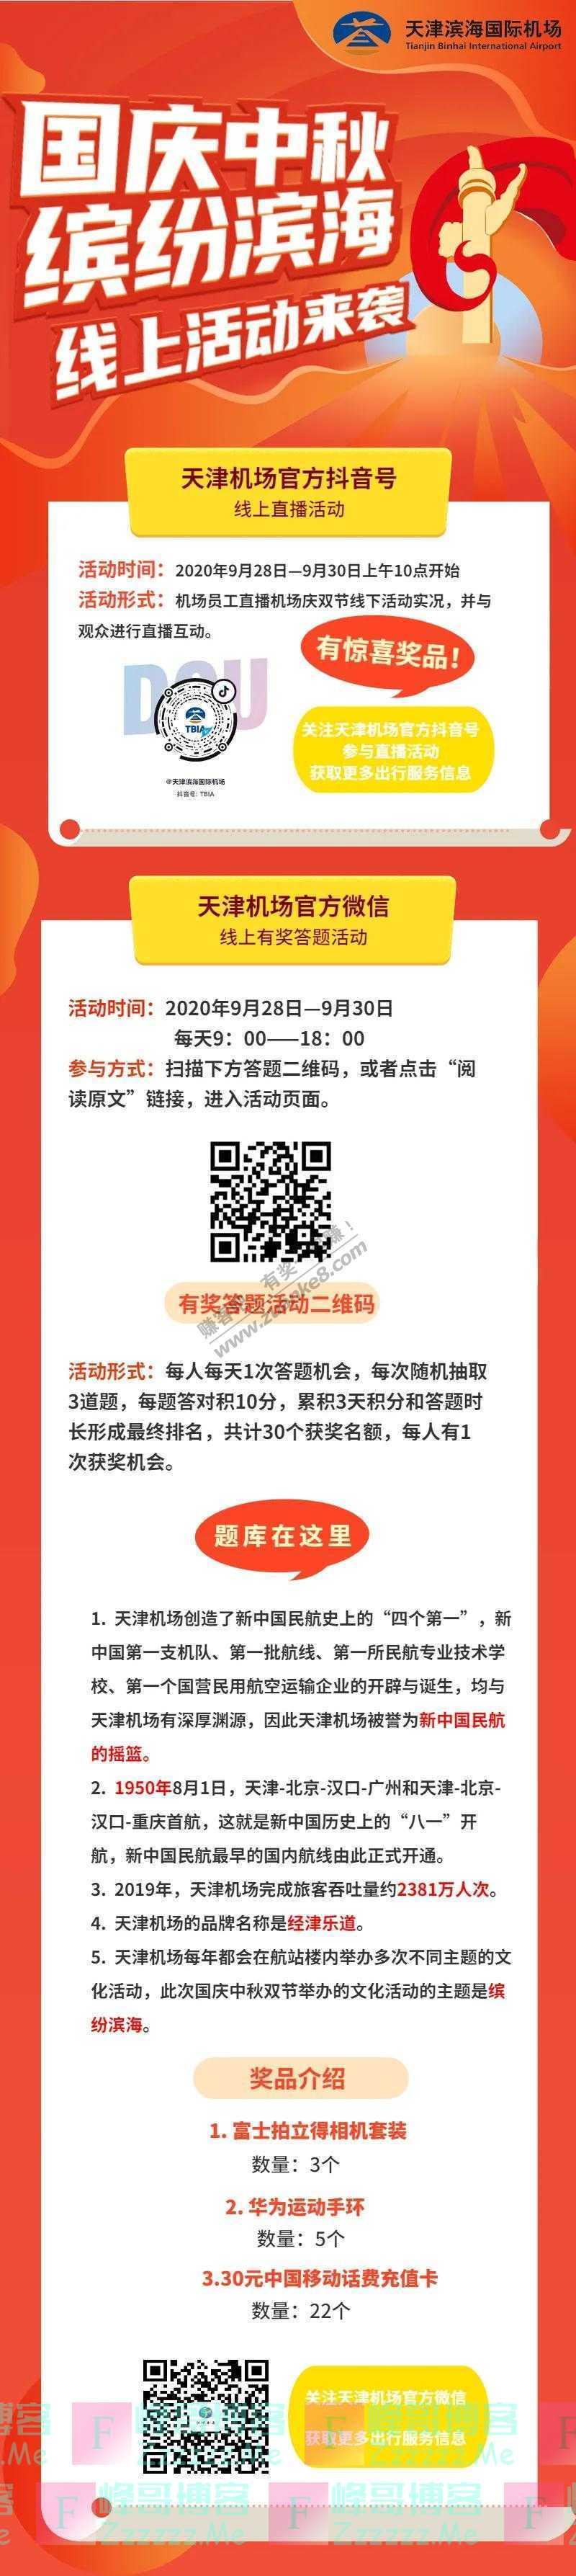 """天津滨海国际机场参与天津机场""""缤纷滨海""""线上有奖答题活动(截止9月30日)"""